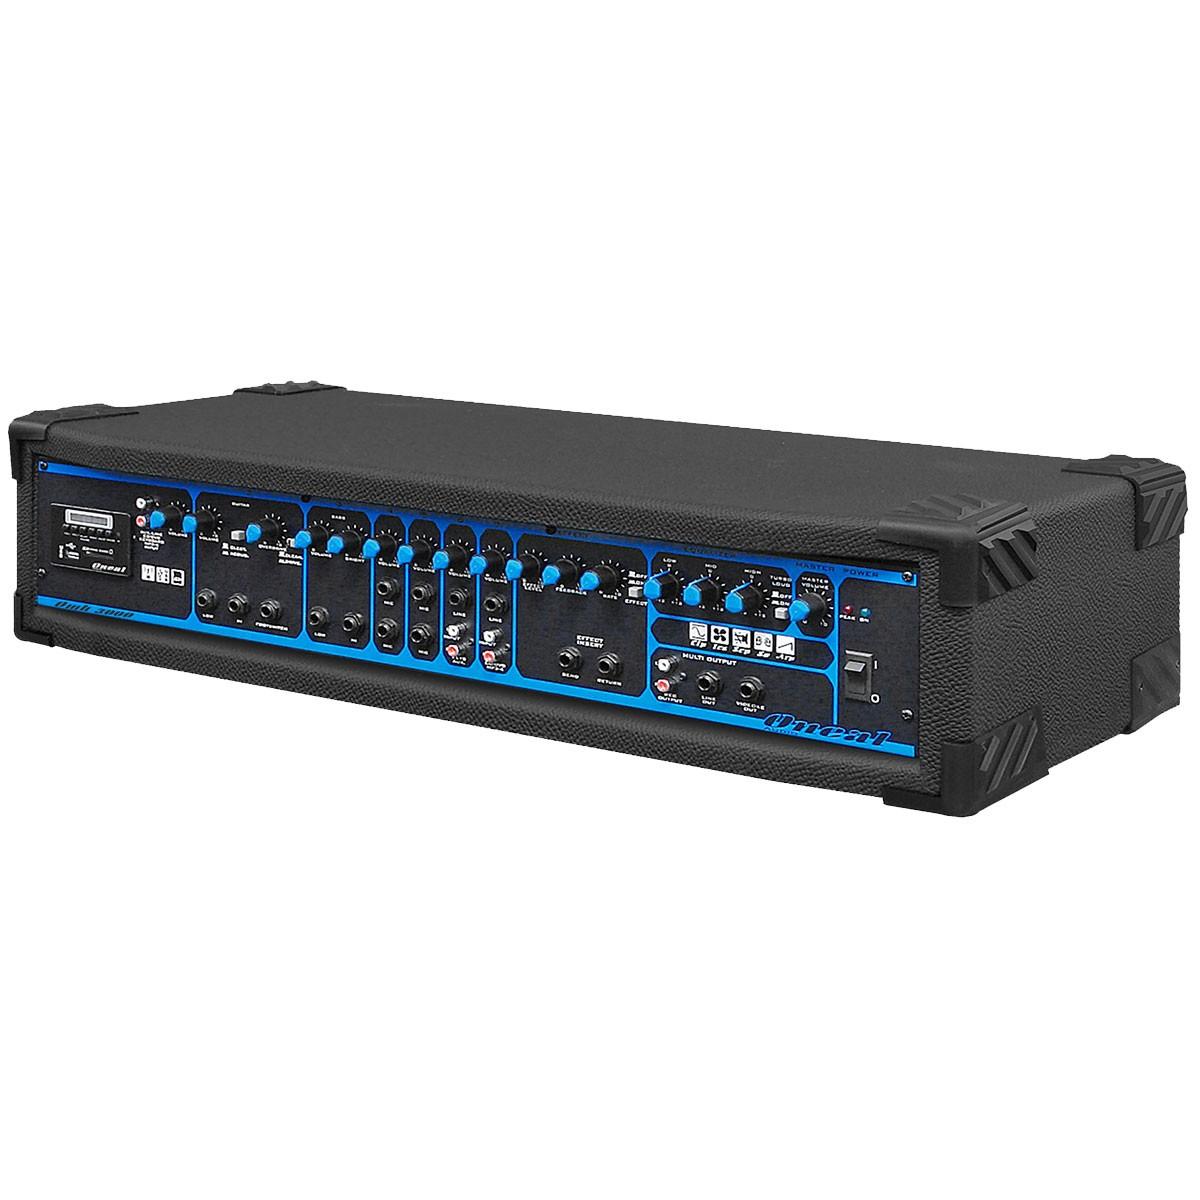 OMH3000 - Cabeçote Multiuso 7 Canais 200W c/ USB e SD Card OMH 3000 - Oneal